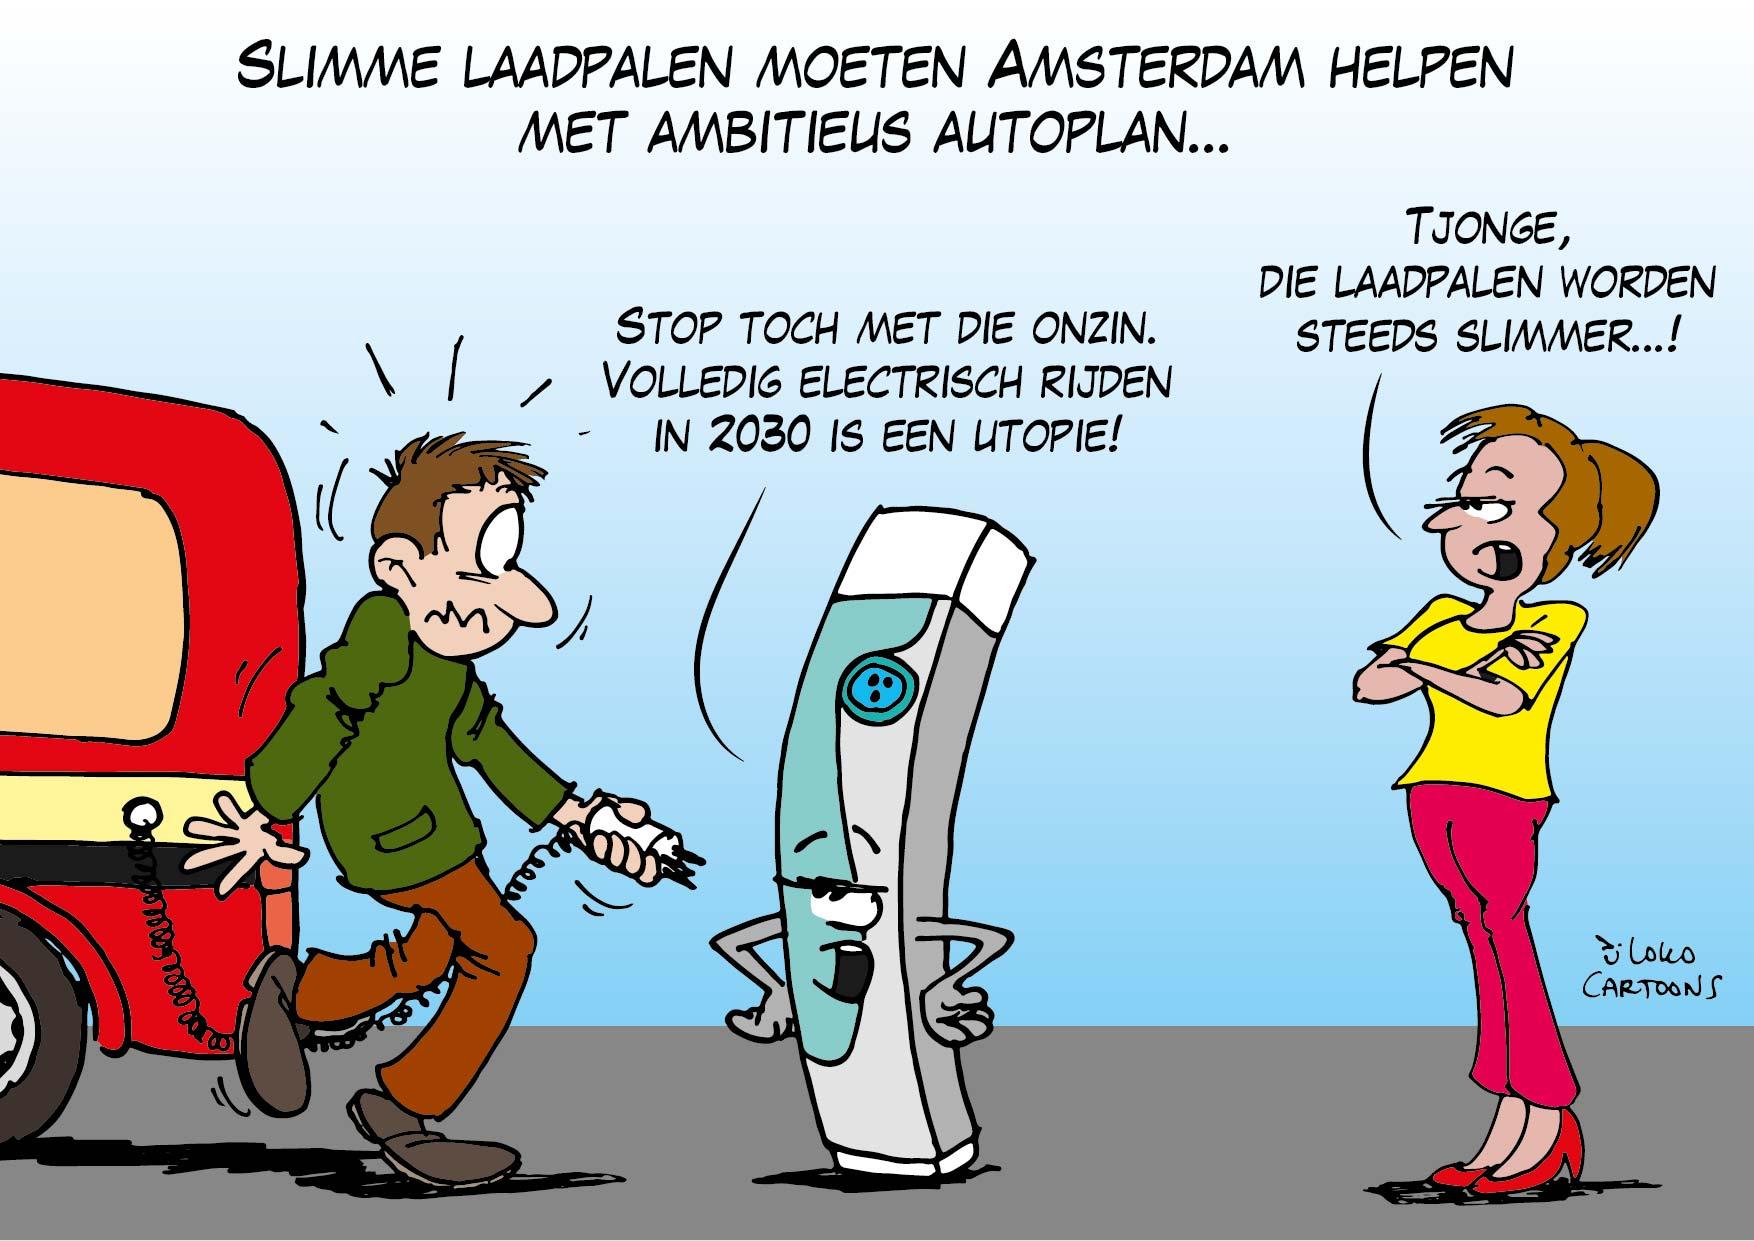 Slimme laadpalen moeten Amsterdam helpen met ambitieus autoplan…